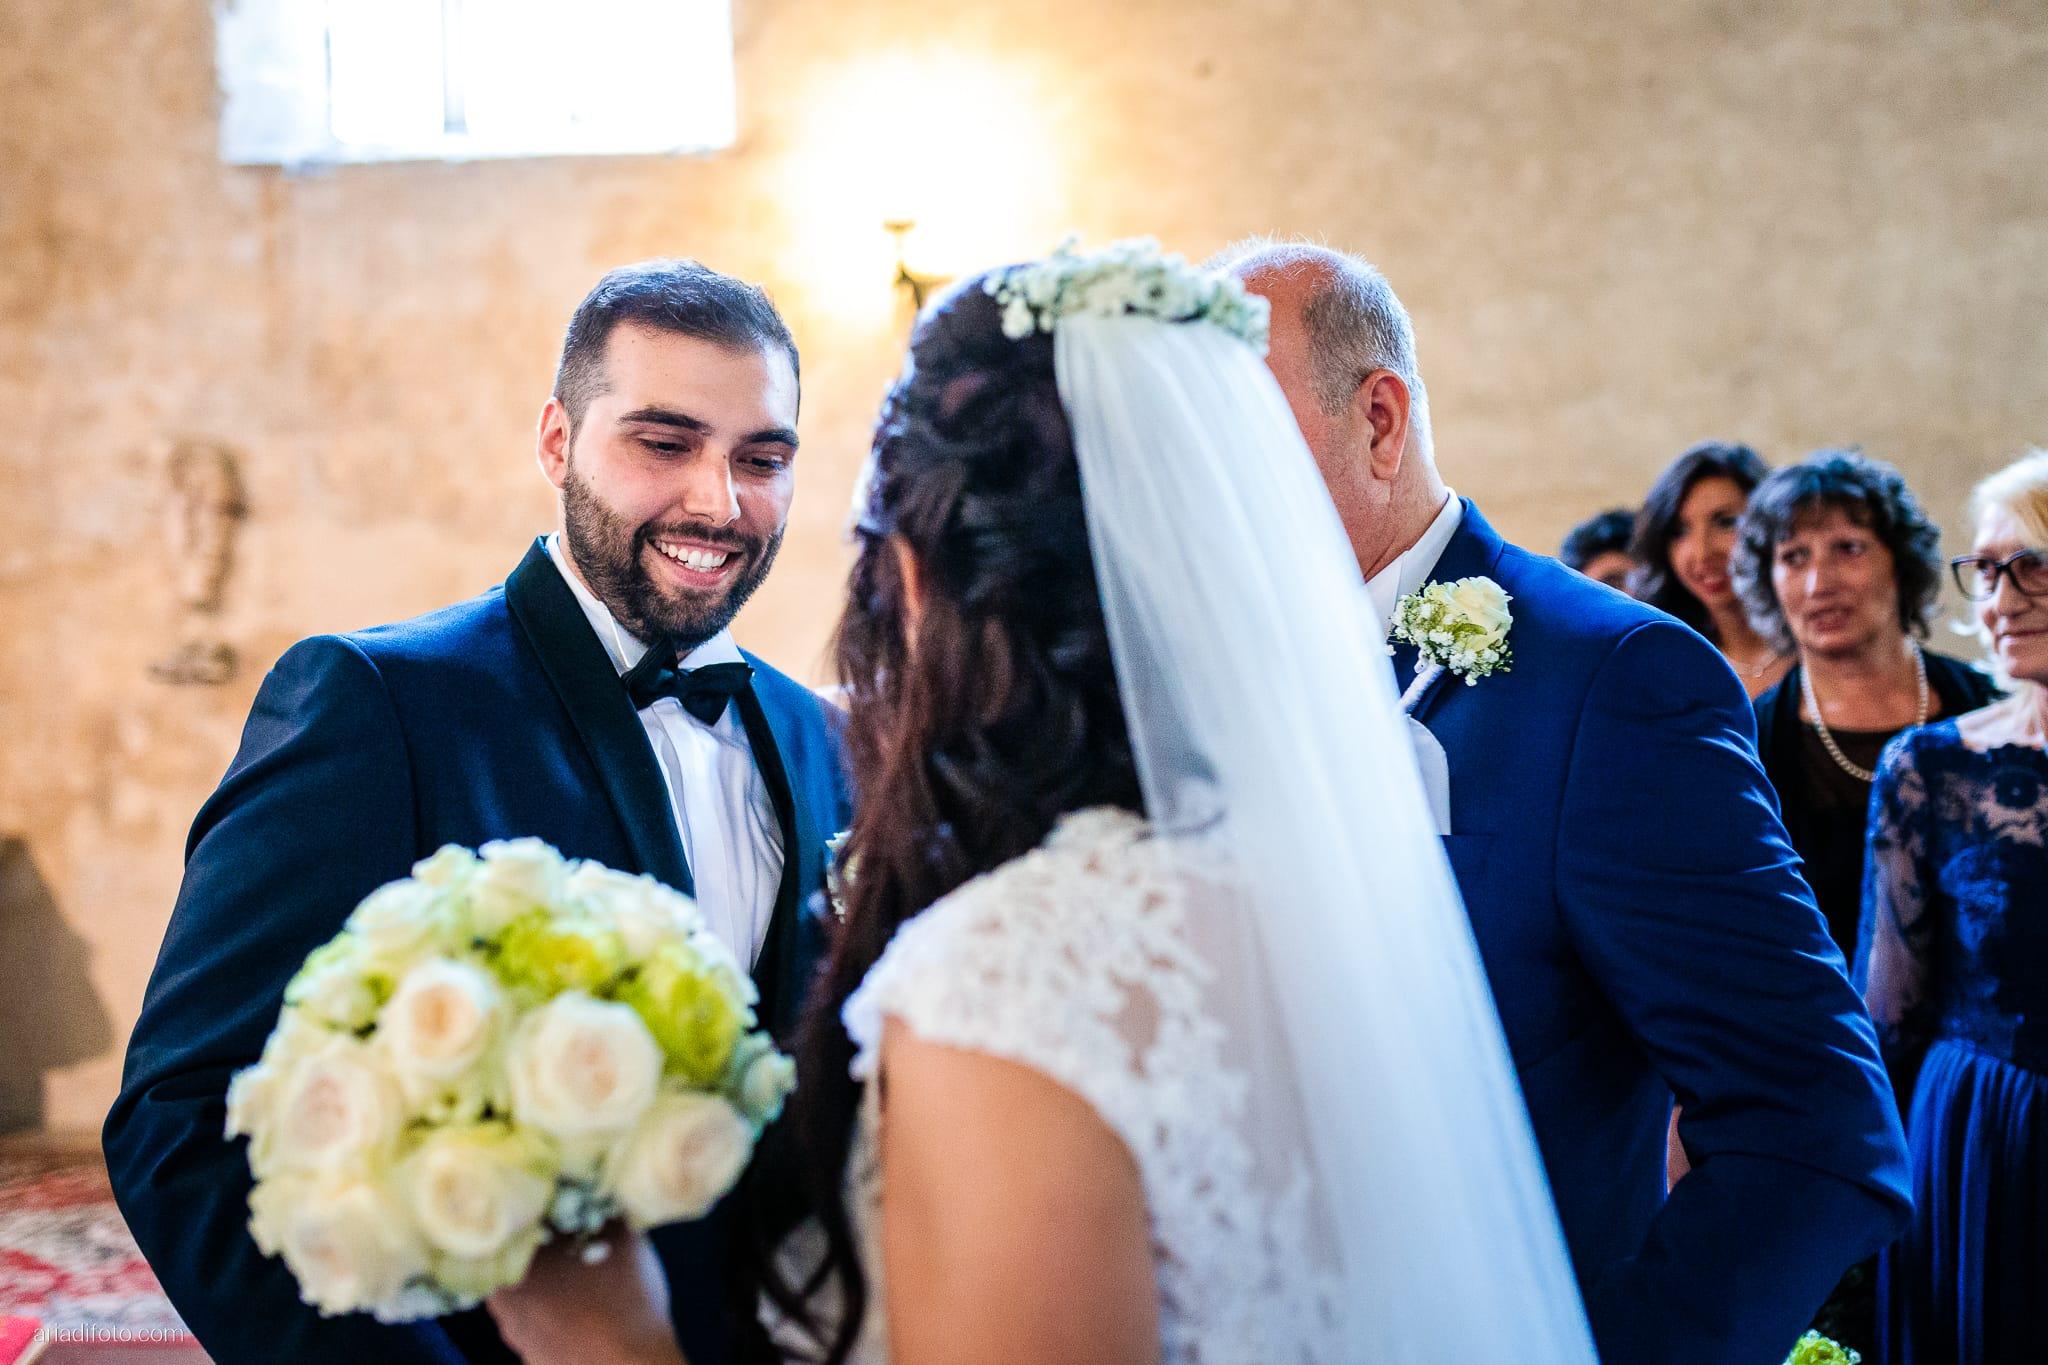 Rosylenia Luca Matrimonio Duino Chiesa San Giovanni in Tuba Ristorante Napoleone Castions Udine cerimonia ingresso sposa